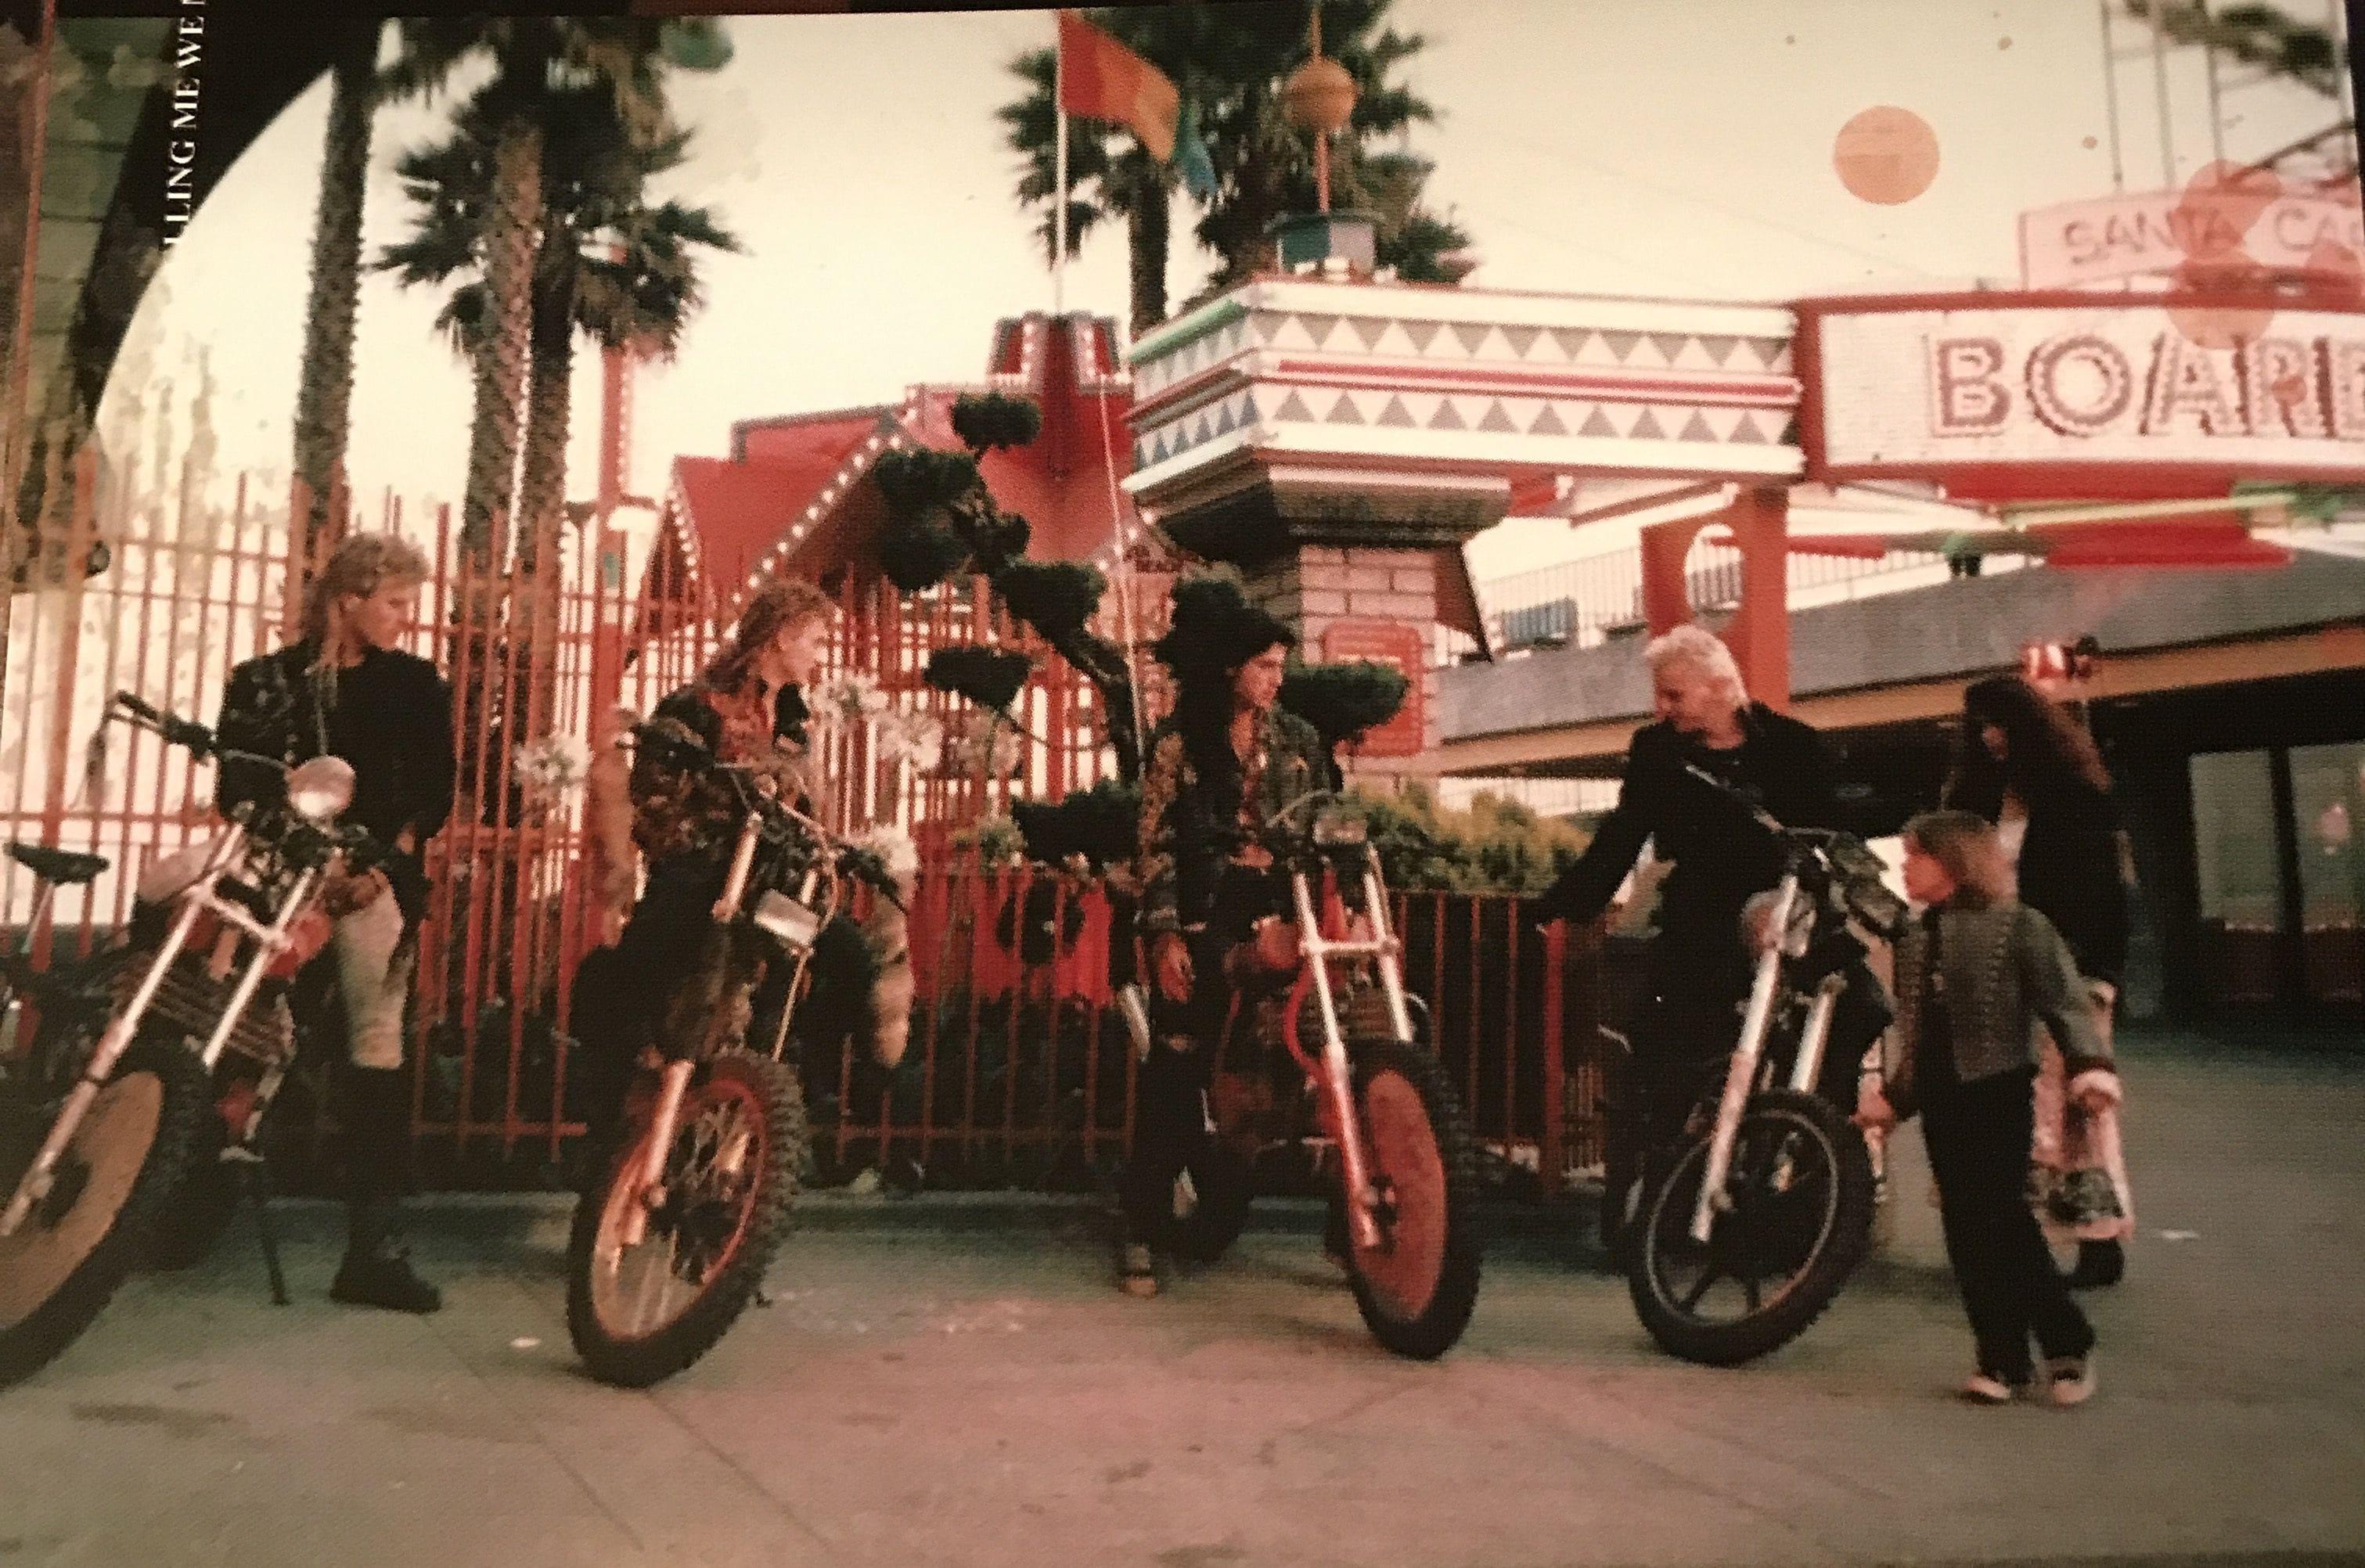 the lost boys boardwalk 1987